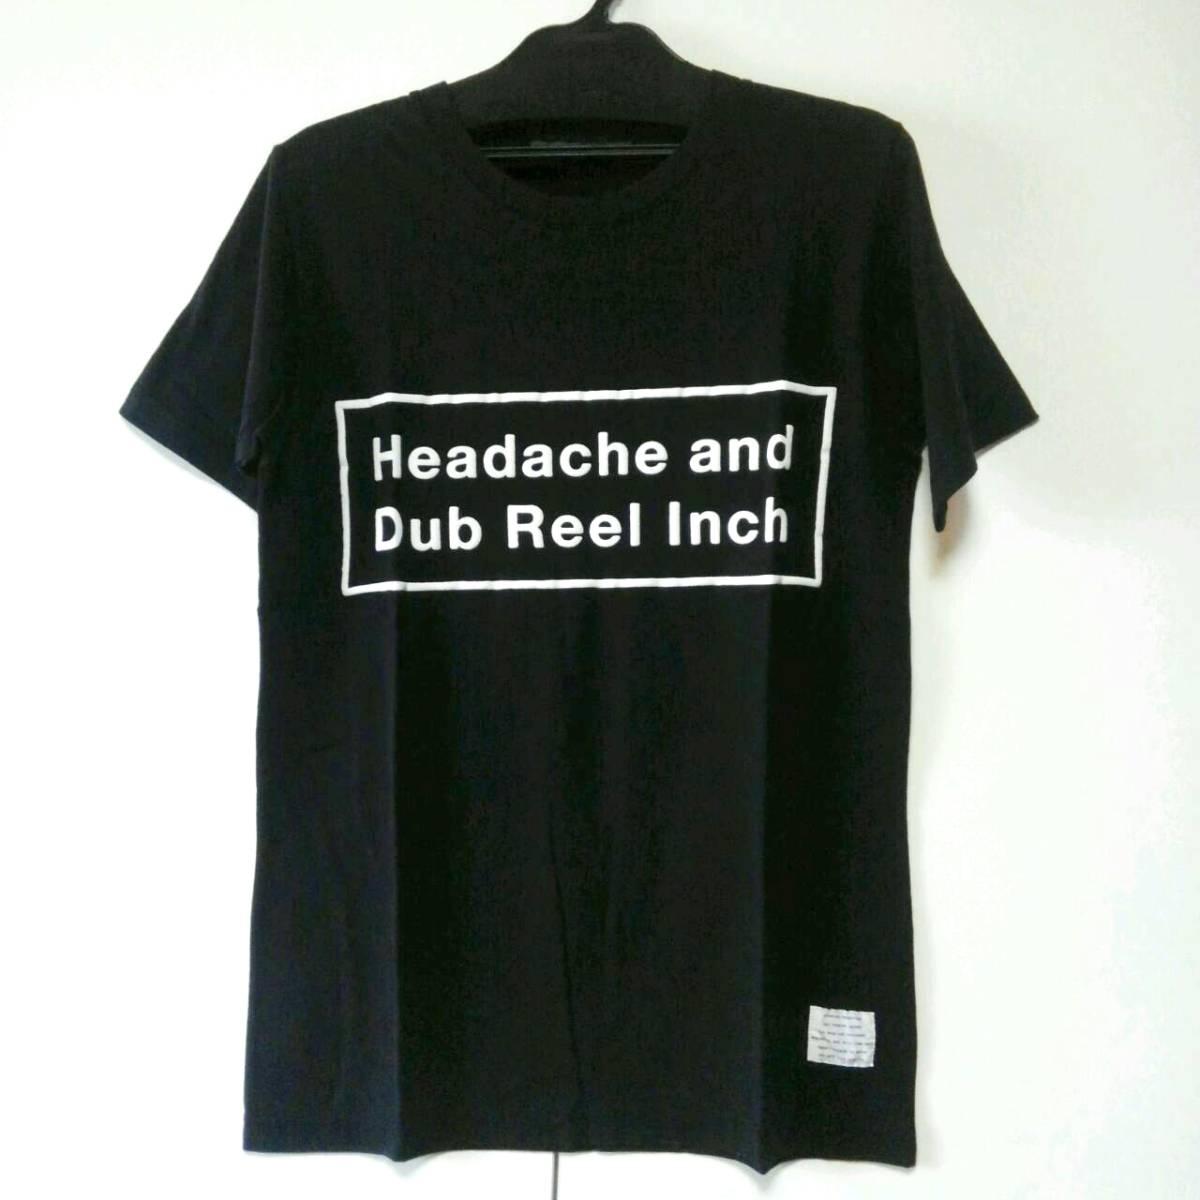 ブラック S 黒夢 清春 Headache and Dub Reel Inch Tシャツ KUROYUME KIYOHARU SADS サッズ